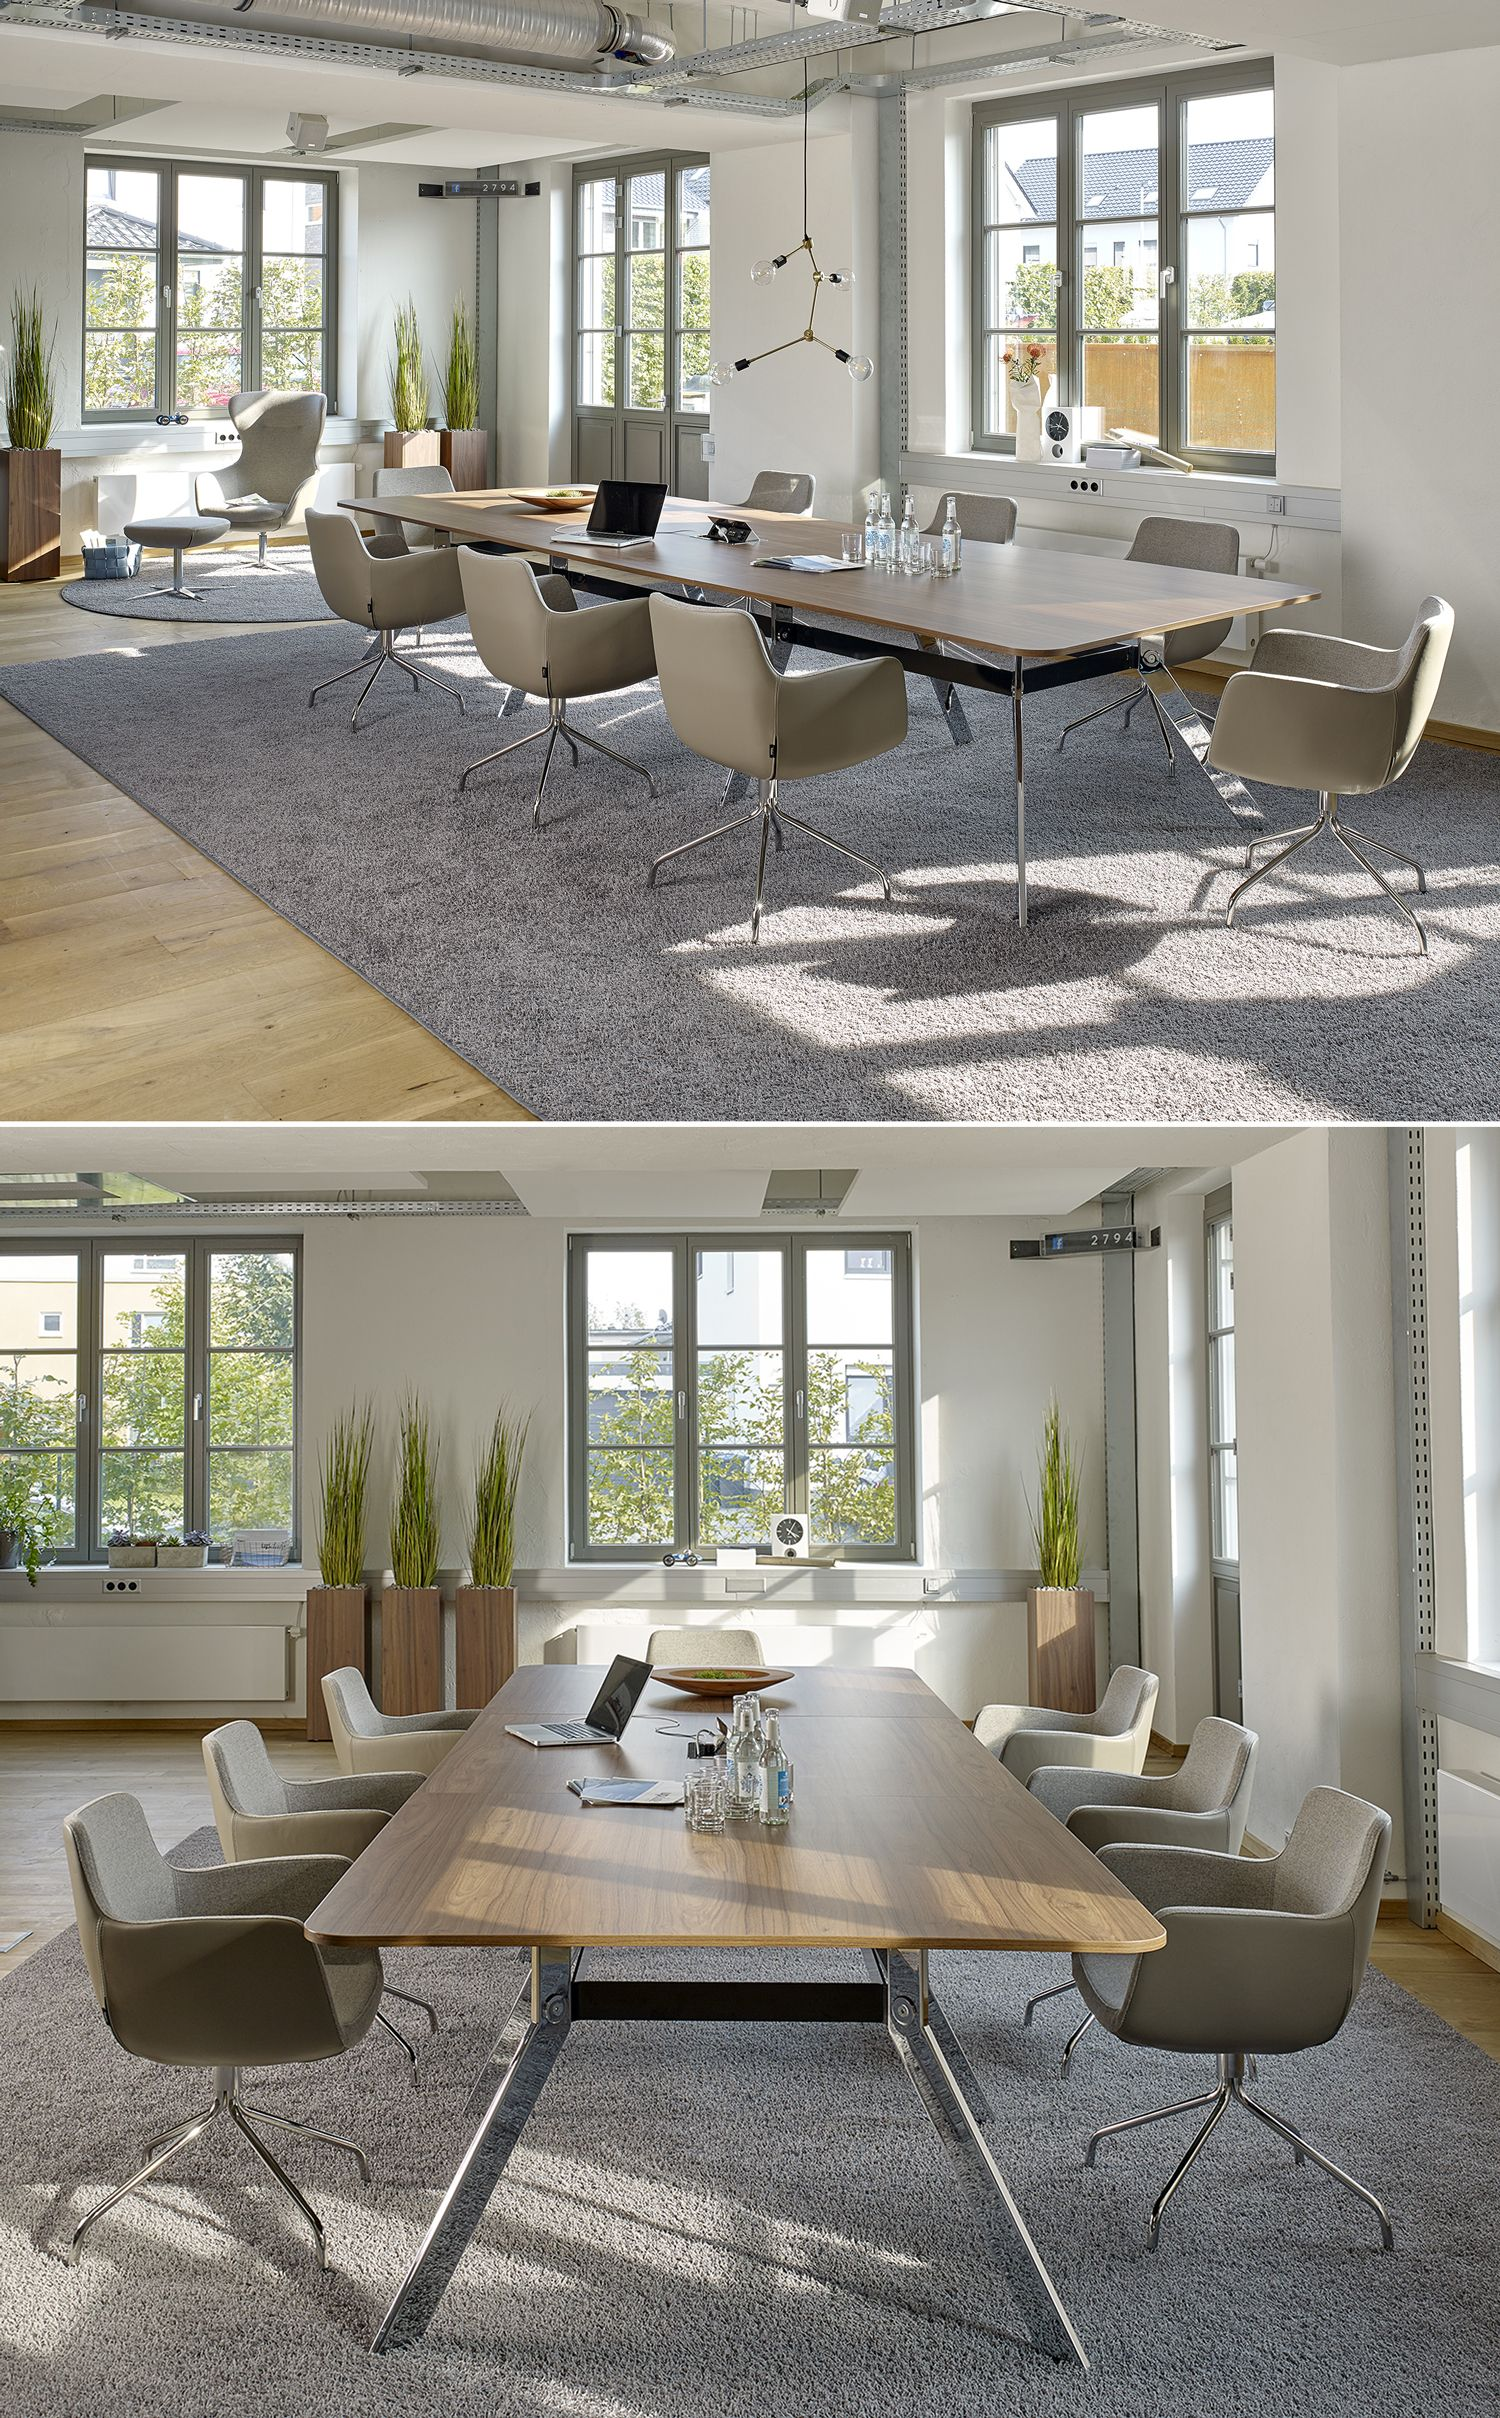 Der Hochwertige Und Moderne Konferenztisch Spider Beeindruckt Durch Eleganz Konferenztisch Innen Buro Innenarchitektur